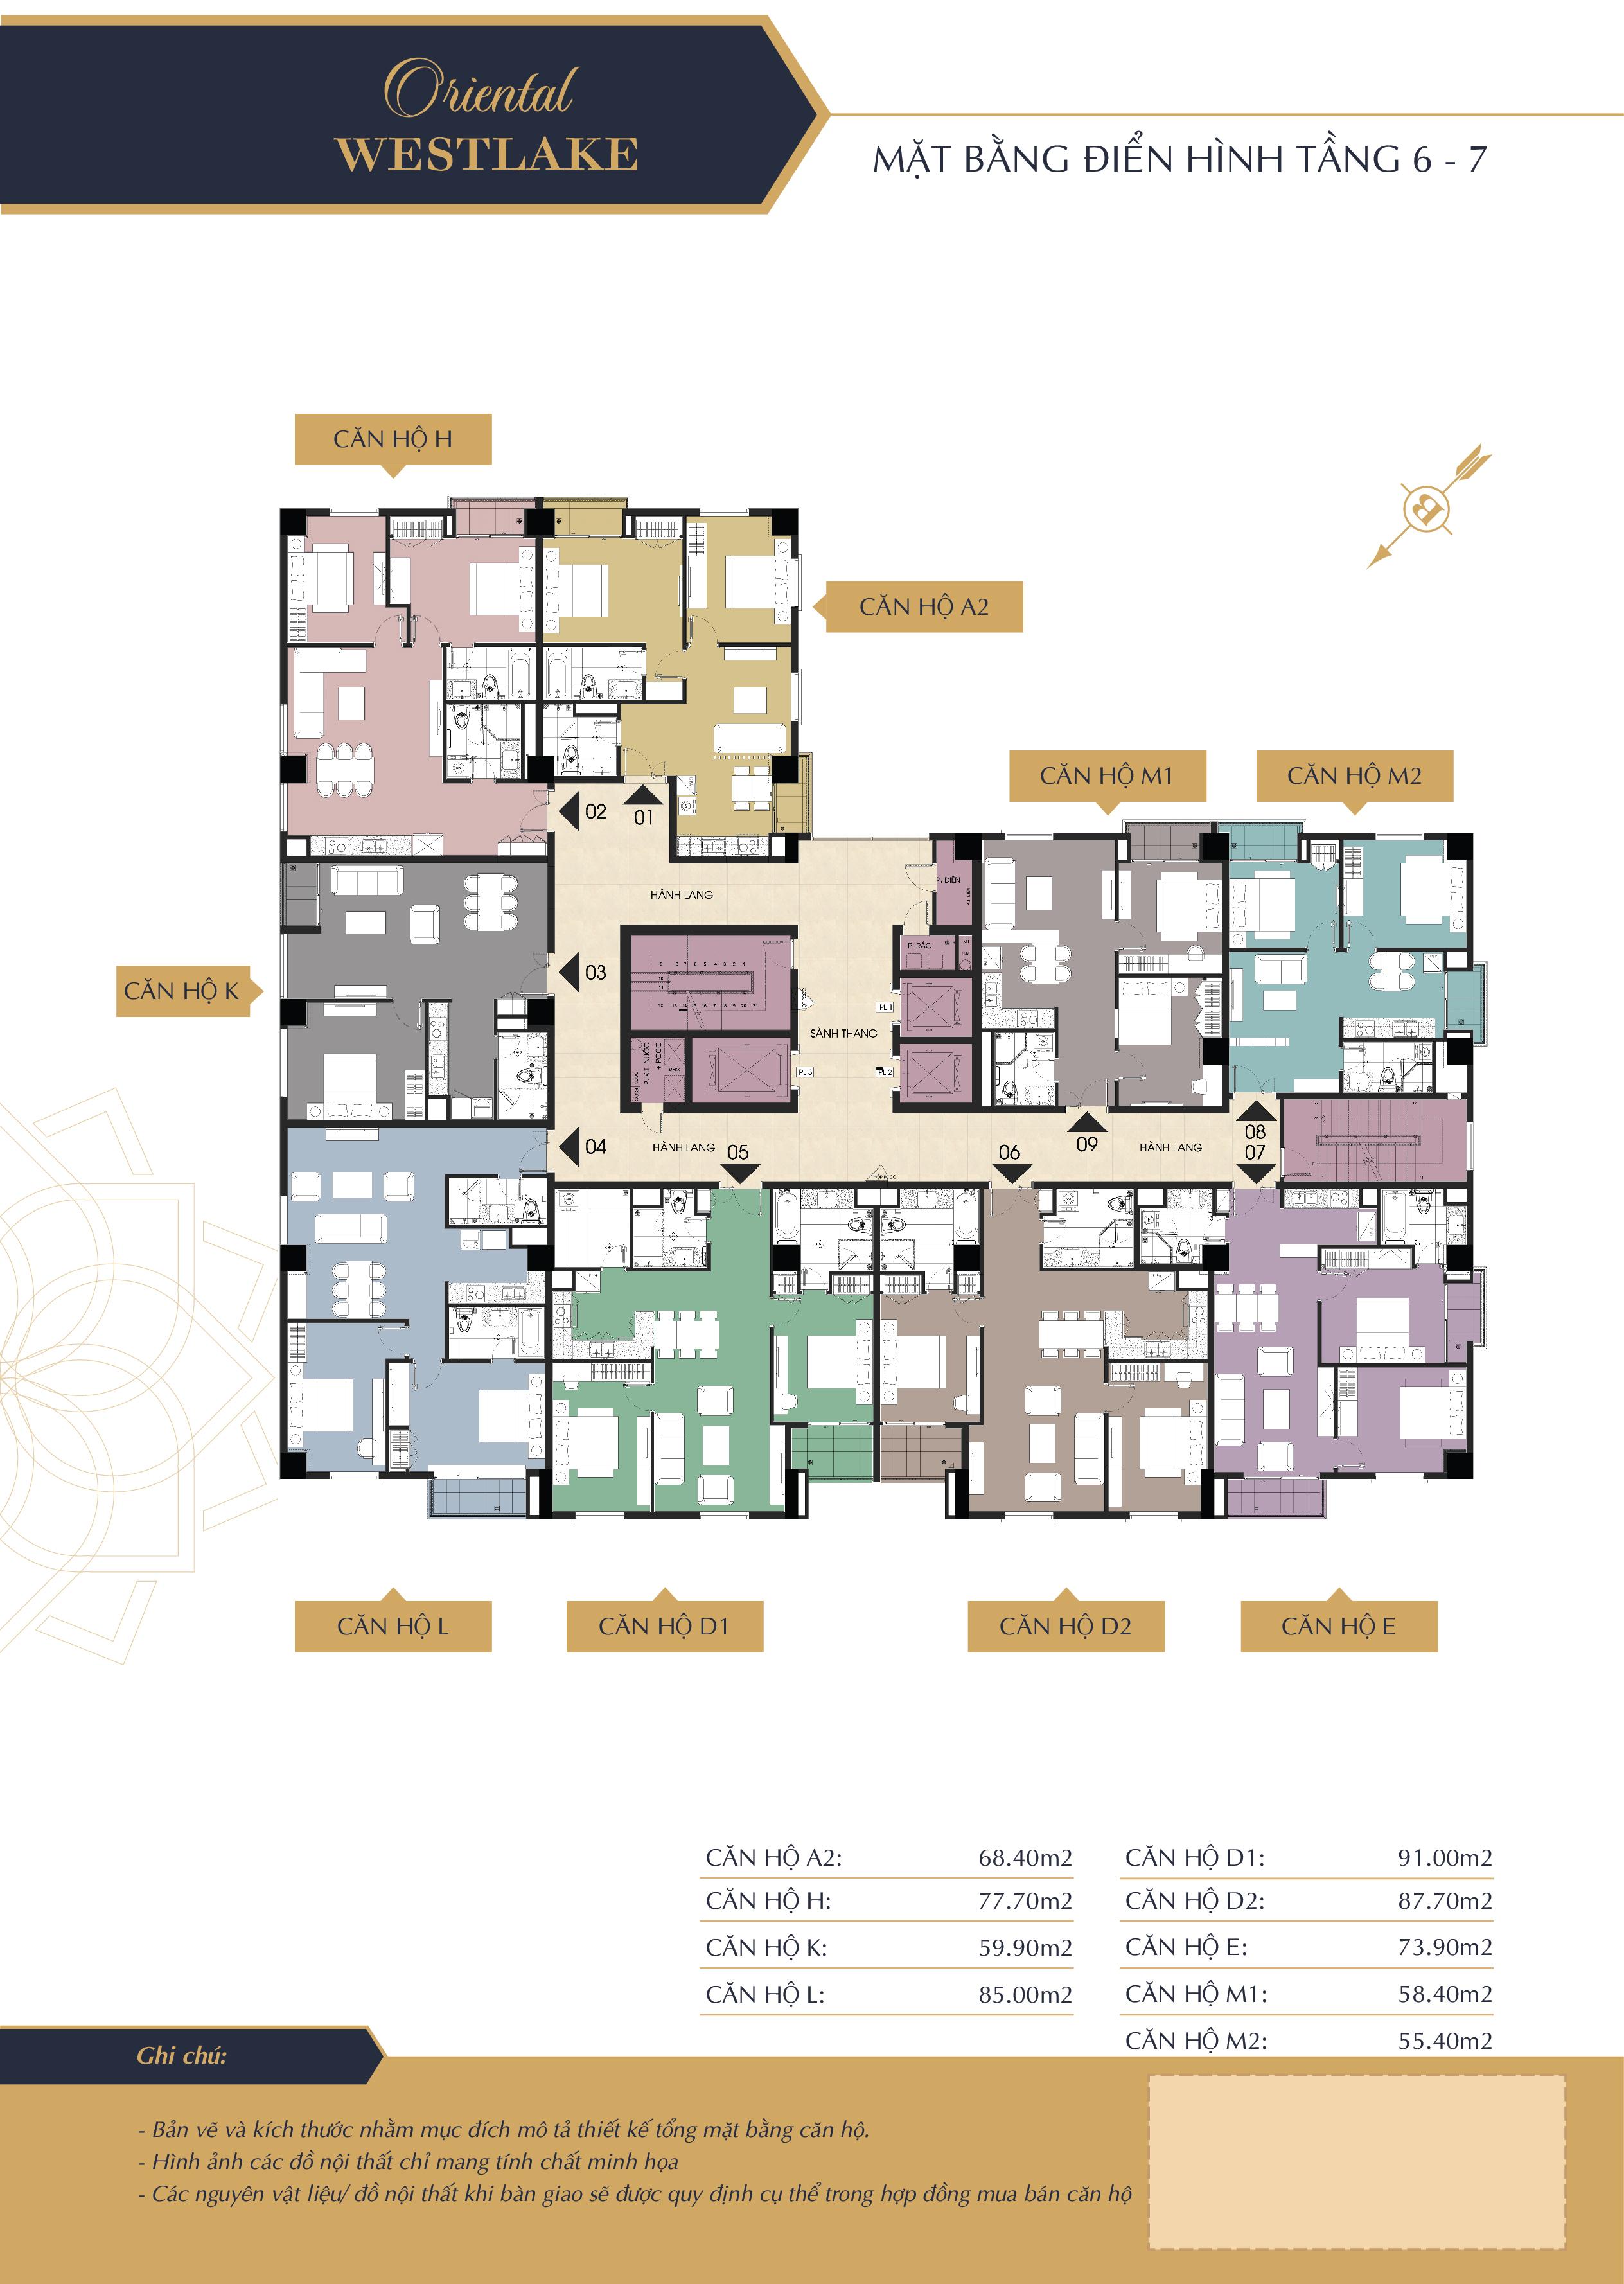 Mặt bằng điển hình tầng 6-7 dự án oriental westlake